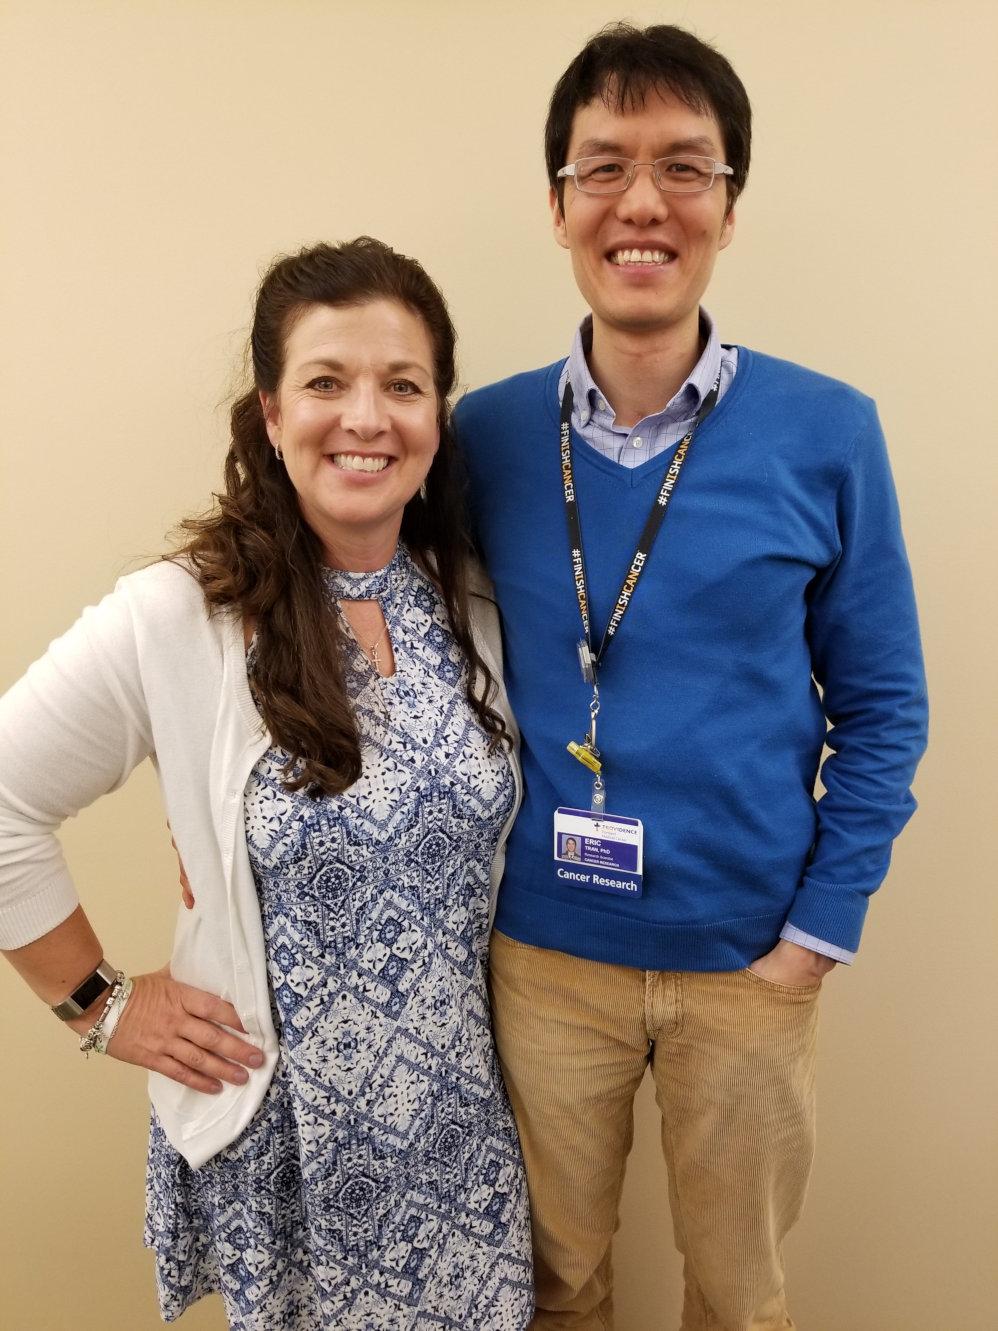 Melinda standing next to her doctor Eric Tran, both smiling